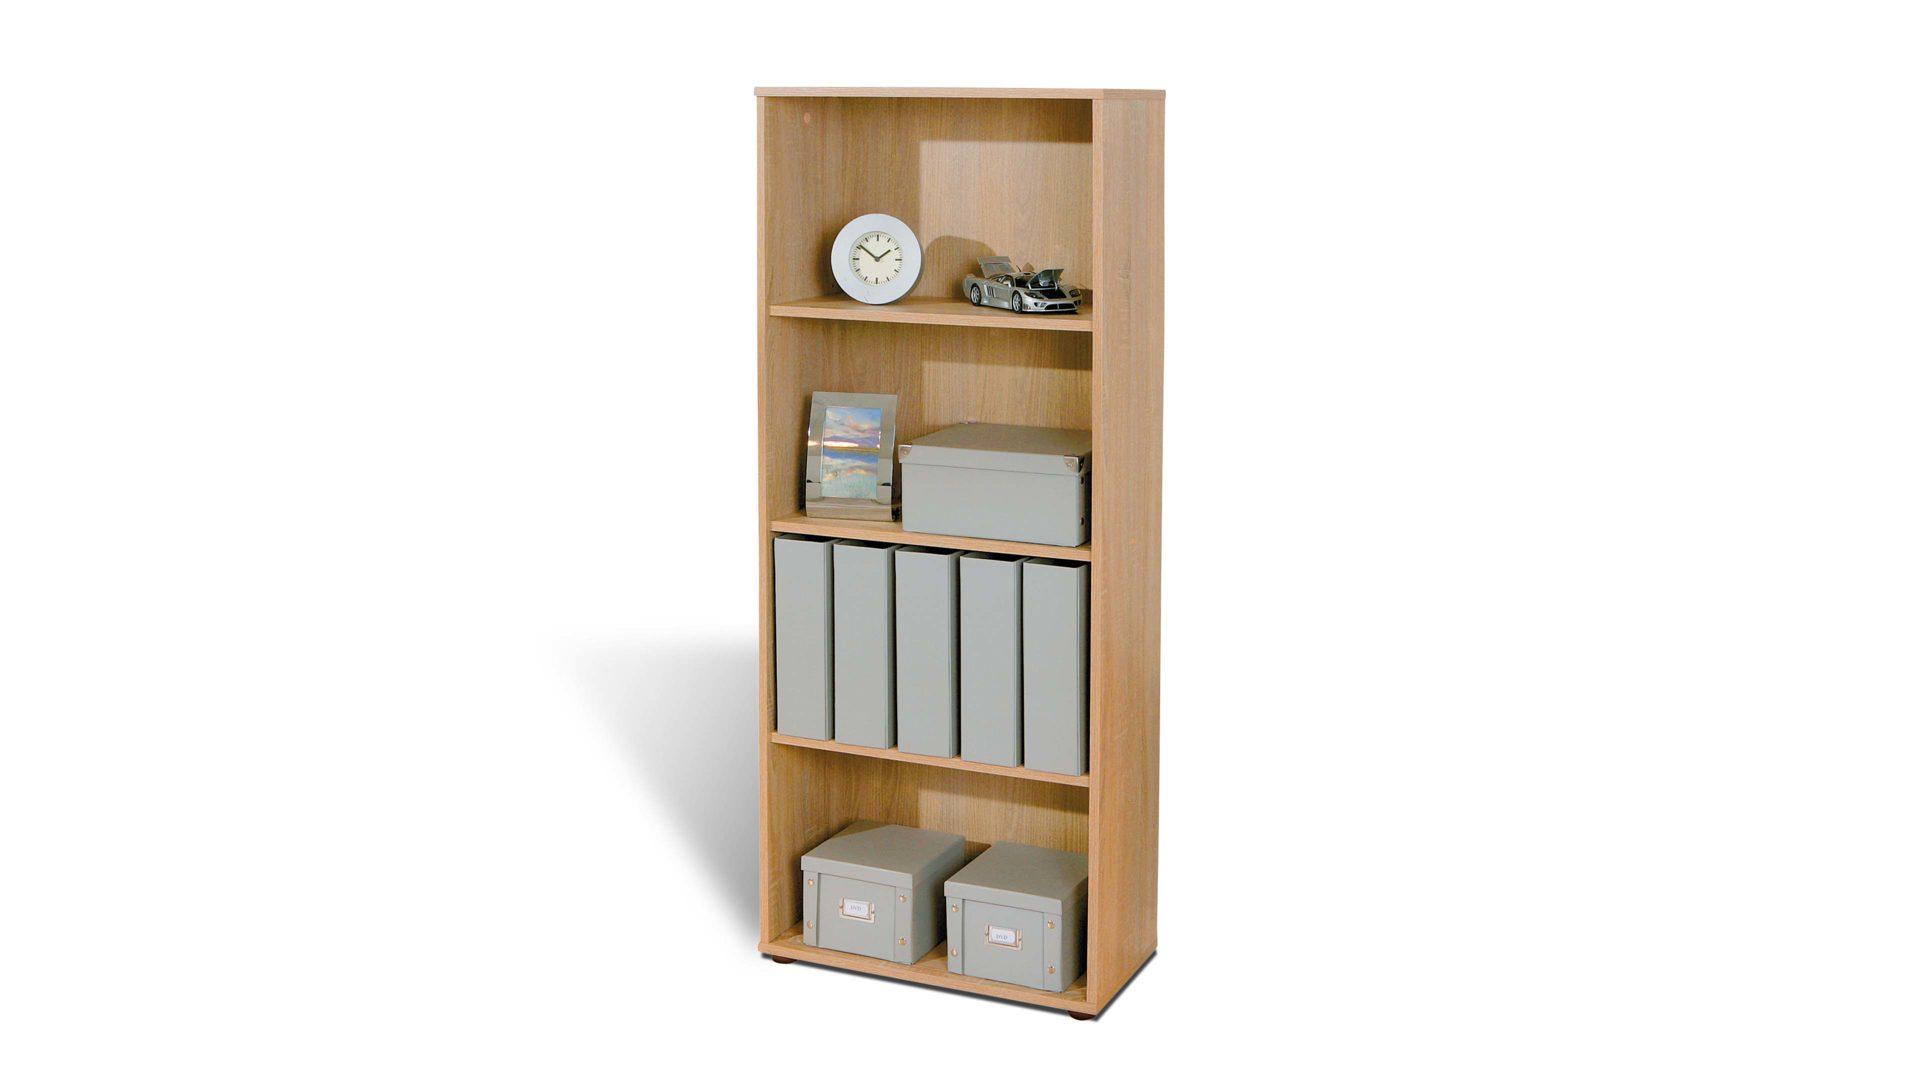 Regal Parini Als Büromöbel Oder Wohnzimmermöbel Einsetzbar Sonoma